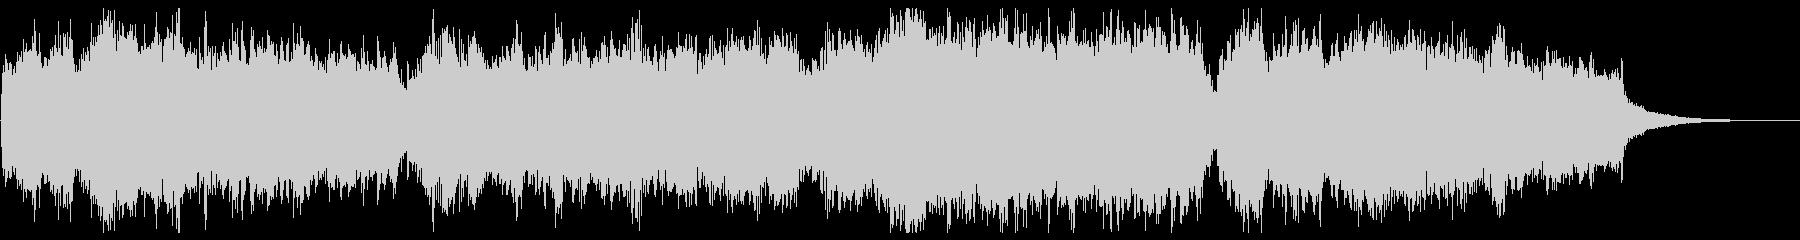 オーケストラ 合唱 勇壮な30秒イントロの未再生の波形